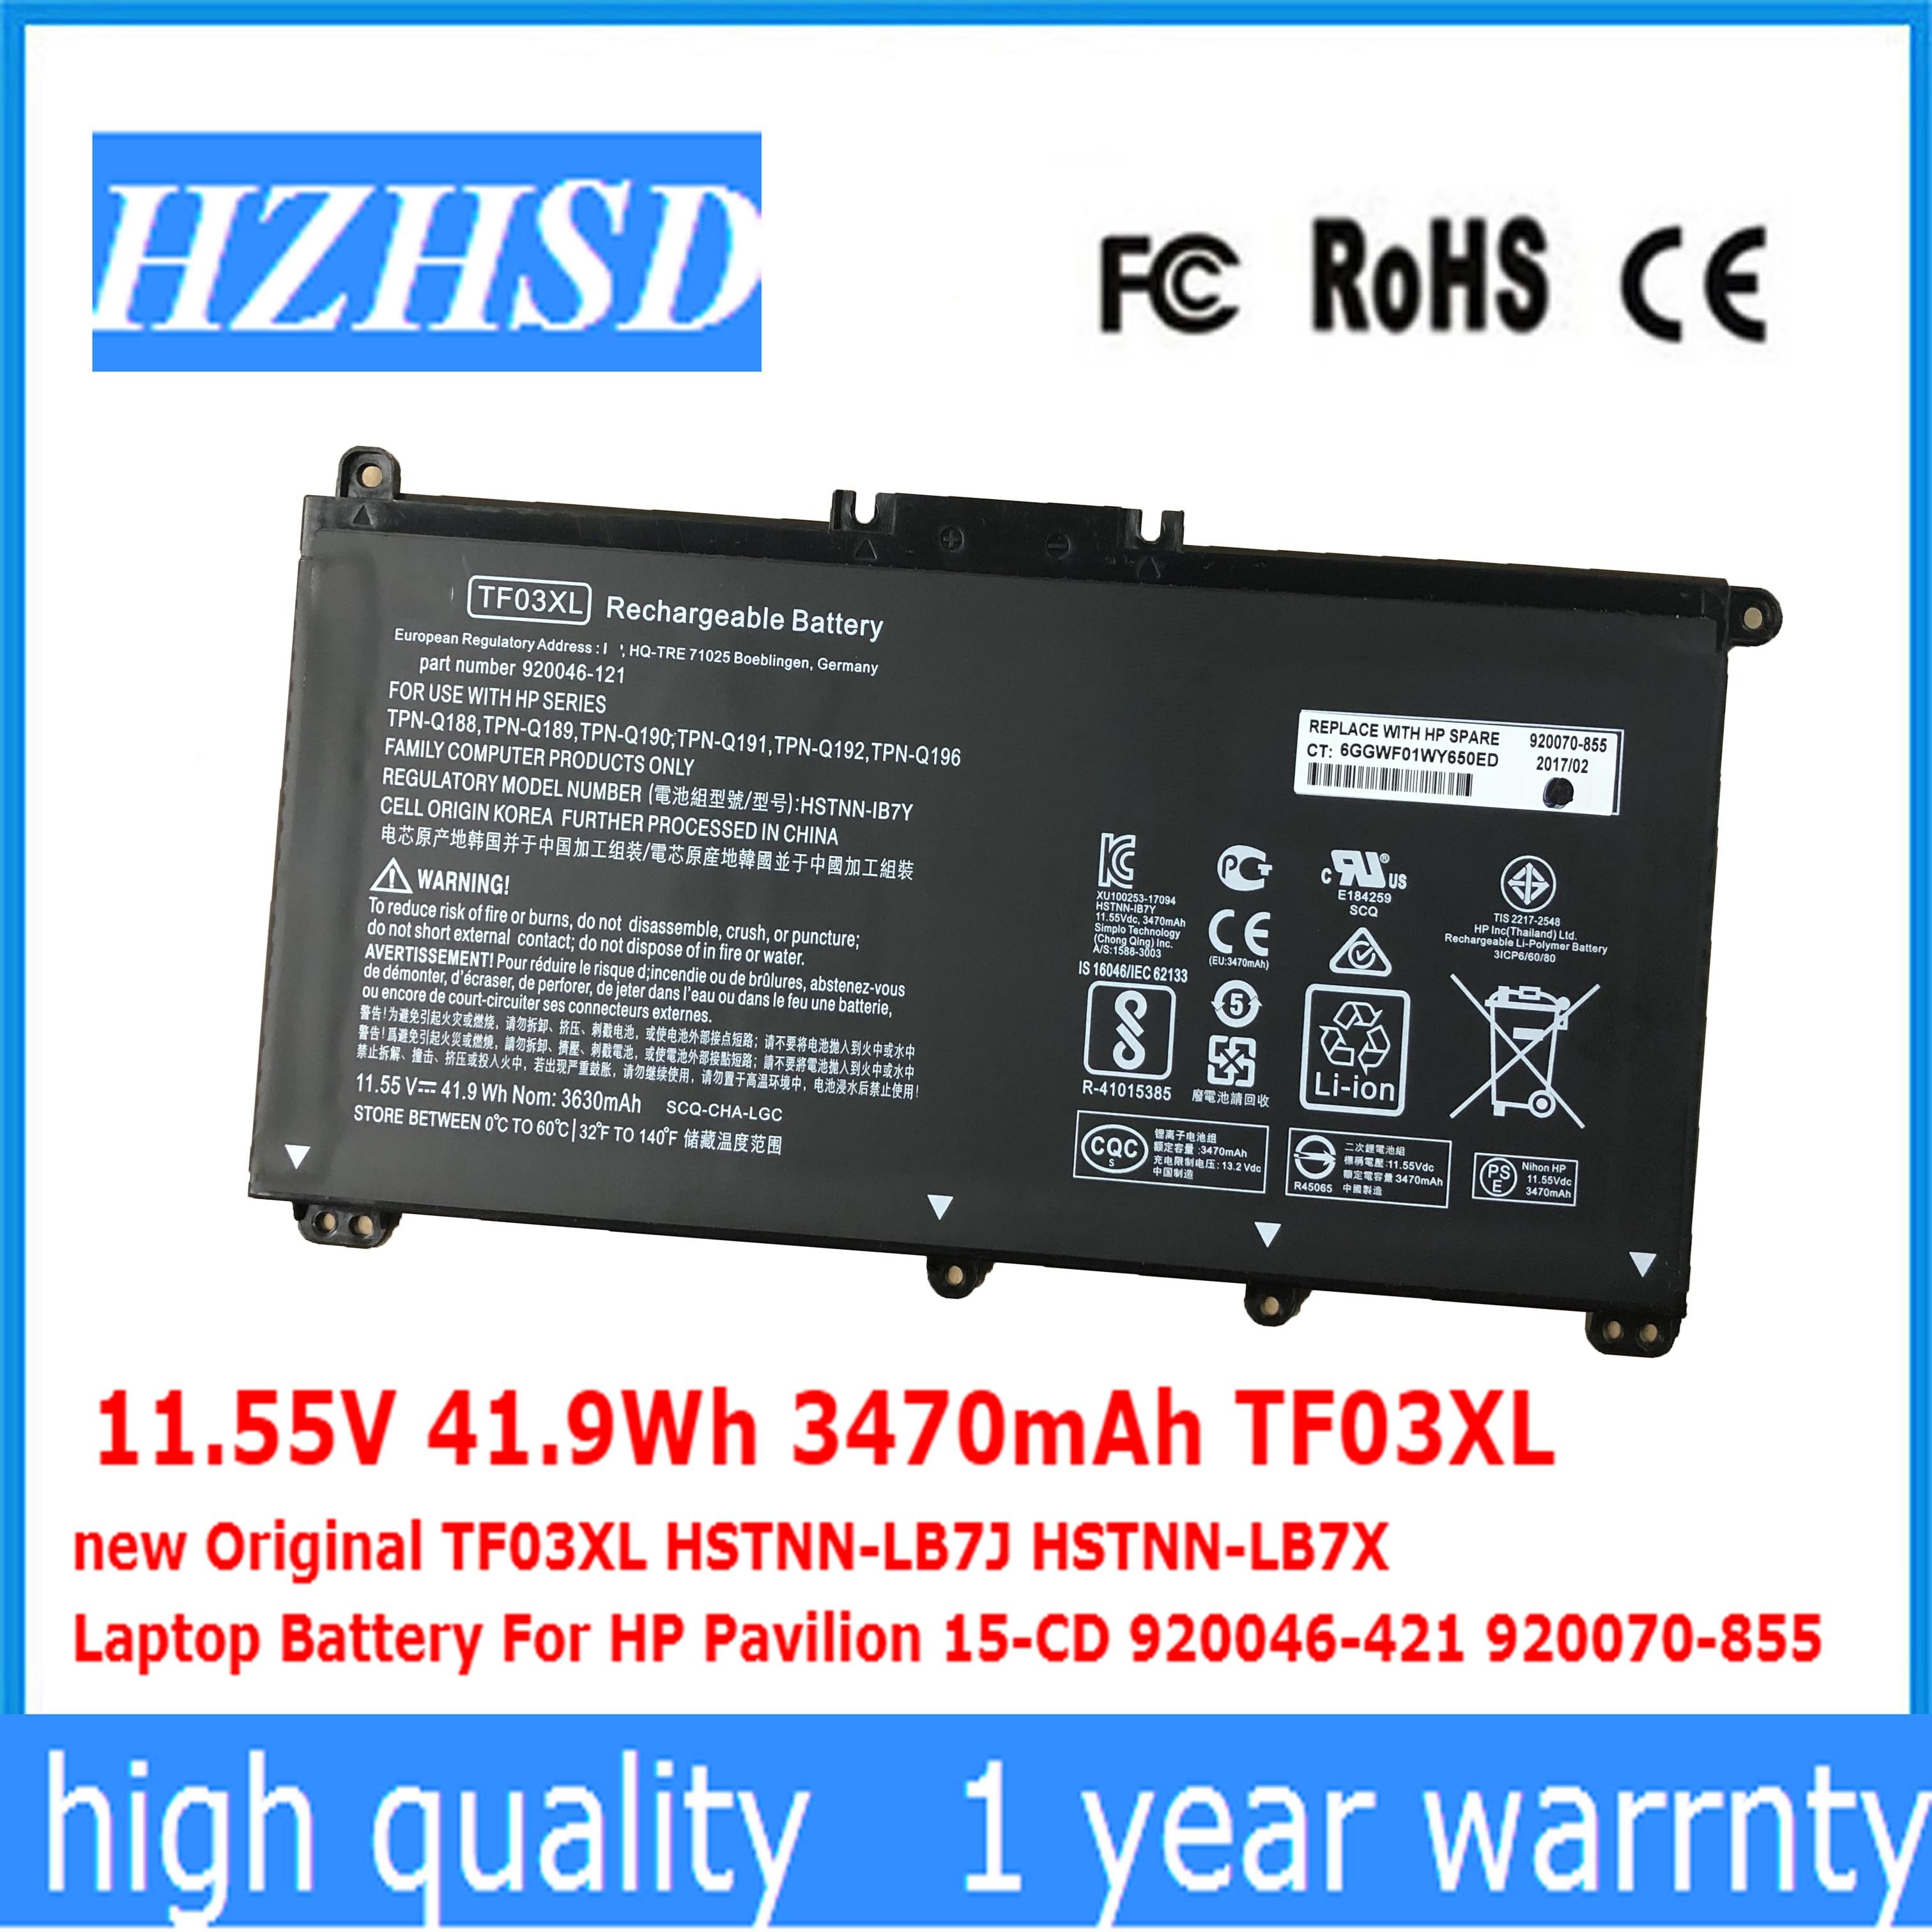 11.55V 41.9Wh 3470mAh TF03XL New Original TF03XL HSTNN-LB7J HSTNN-LB7X Laptop Battery For HP Pavilion 15-CD 920046-421 920070-85